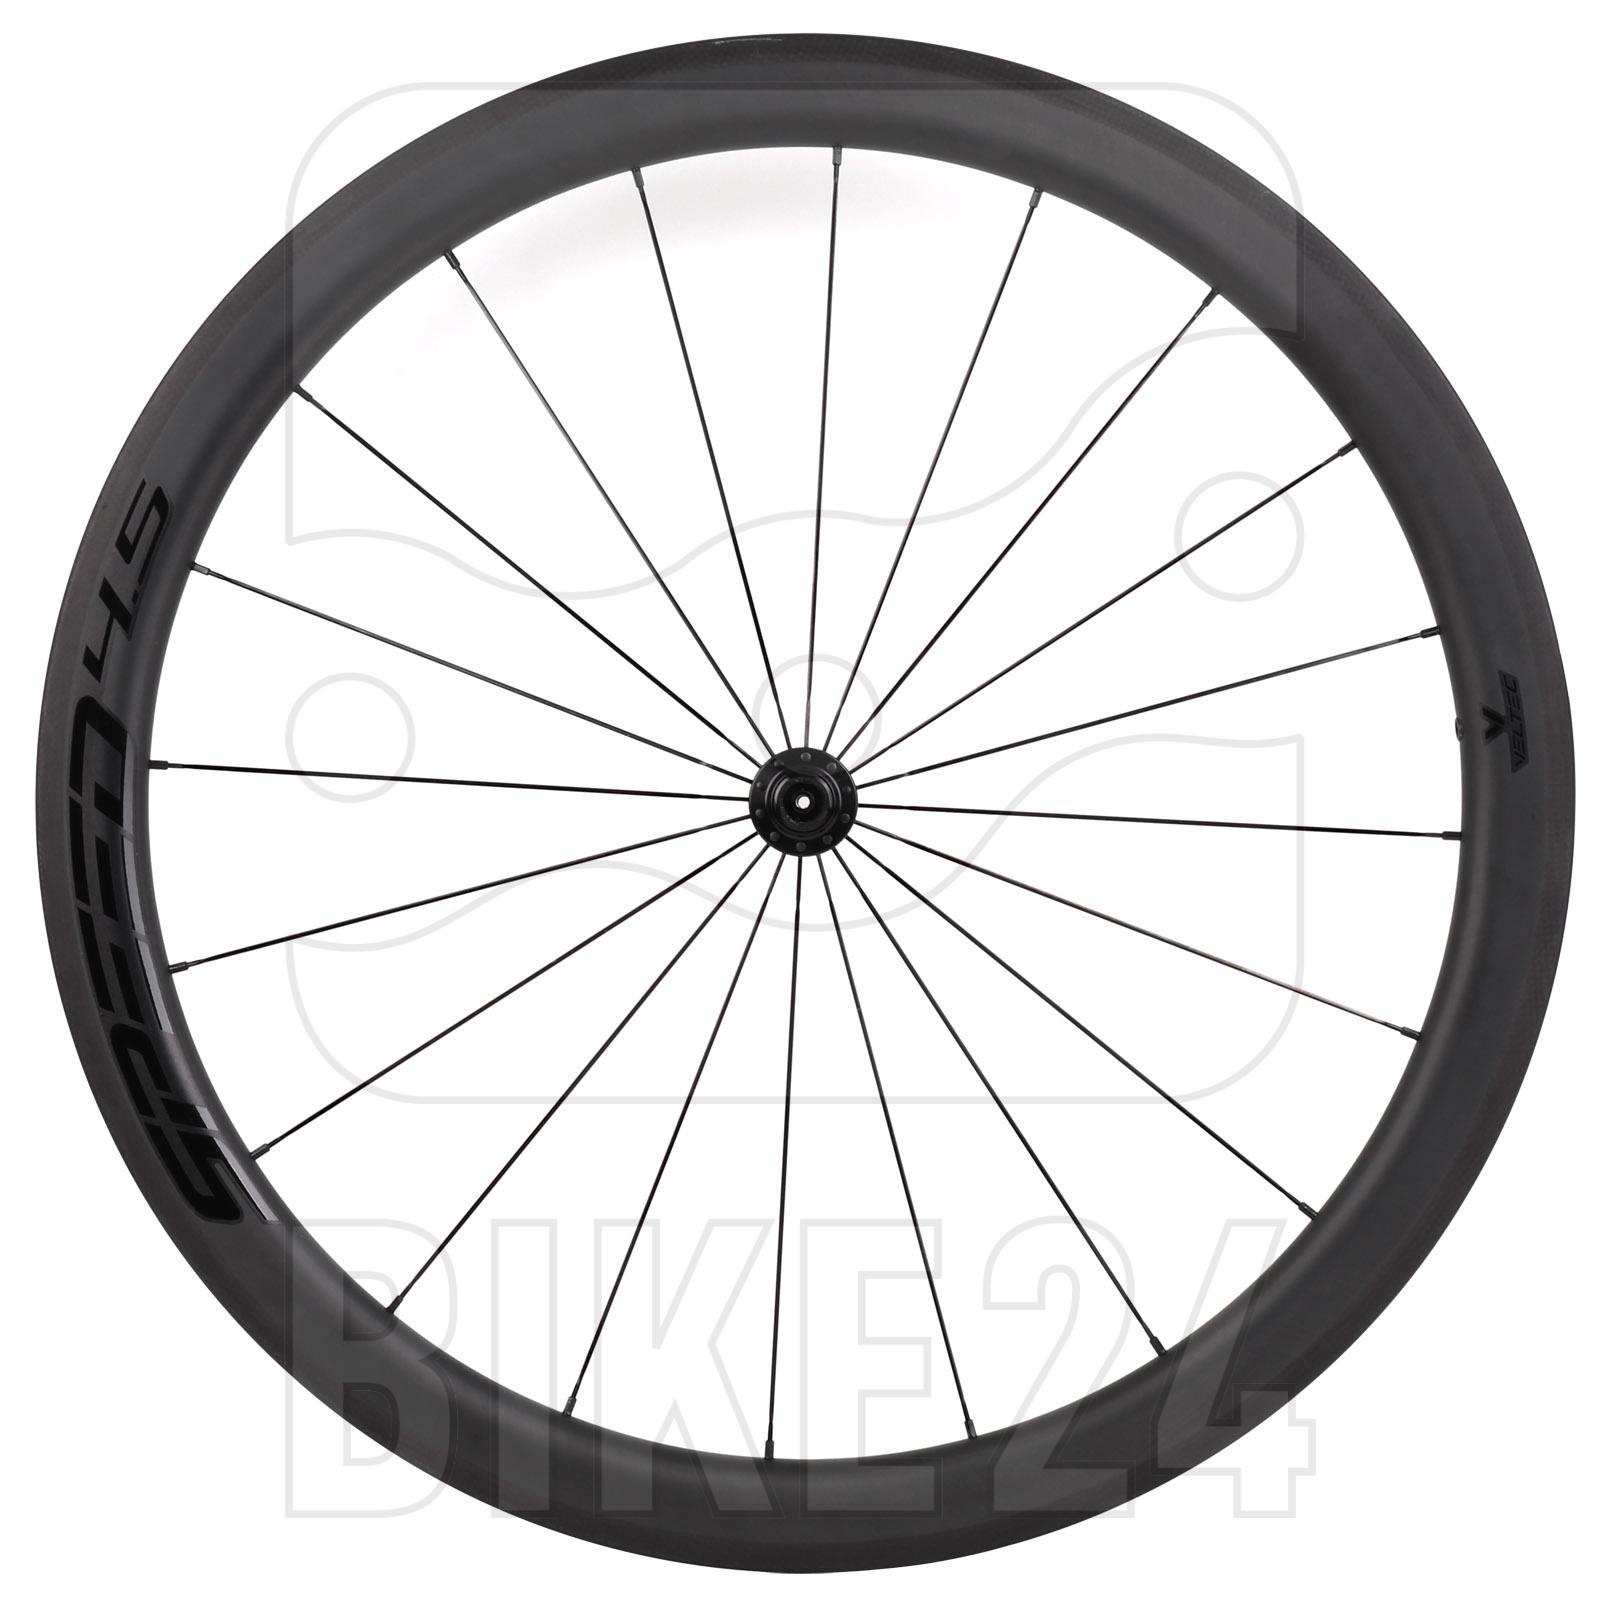 Veltec Speed 4.5 Carbon Vorderrad - Drahtreifen - QR100 - schwarz mit schwarzen Decals